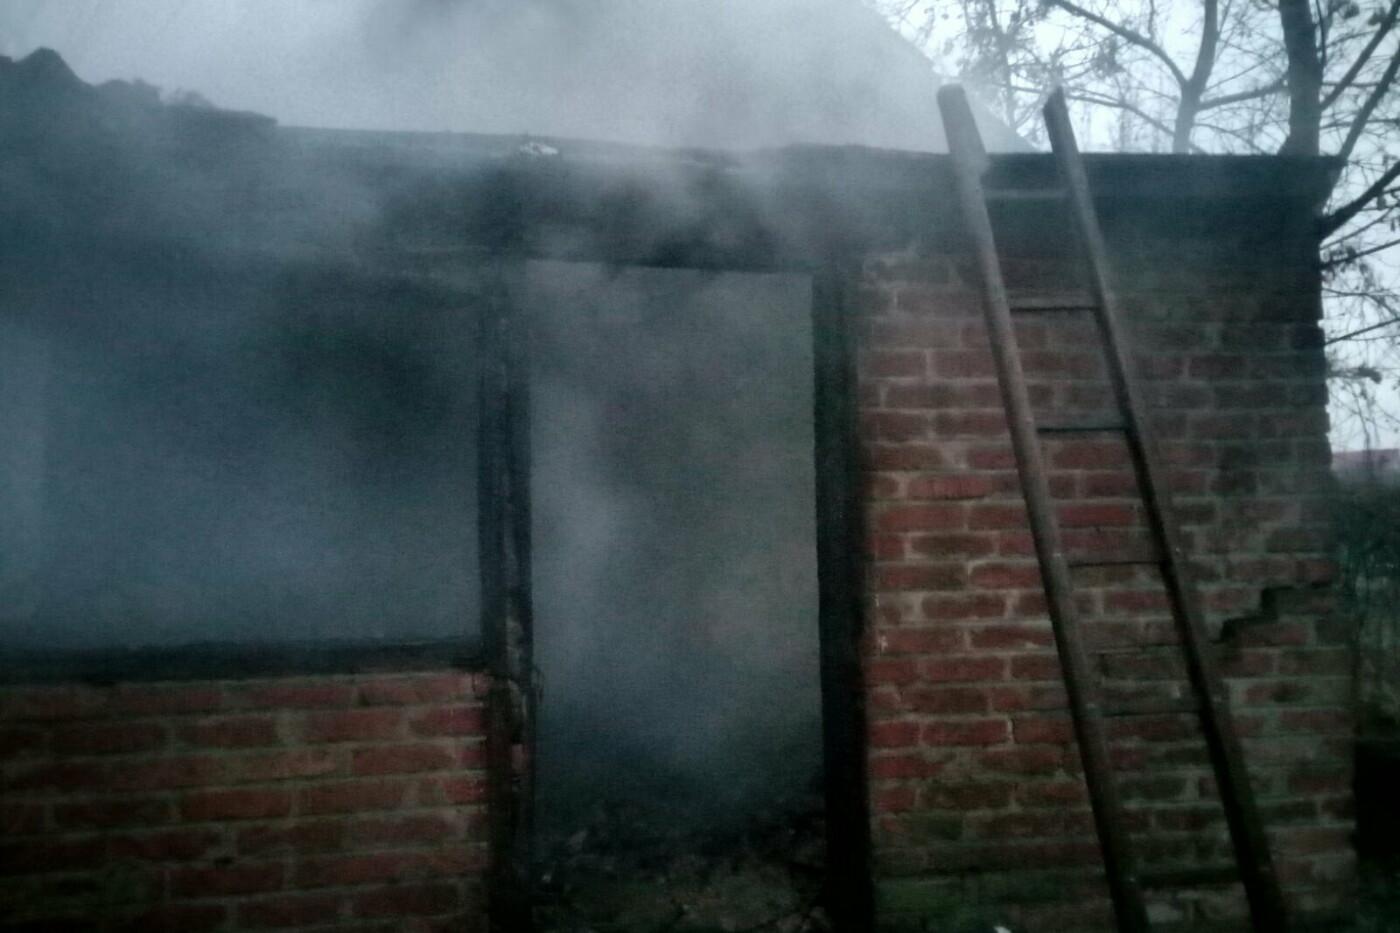 На Харьковщине загорелся частный дом: спасатели нашли труп погибшего мужчины, - ФОТО, фото-2